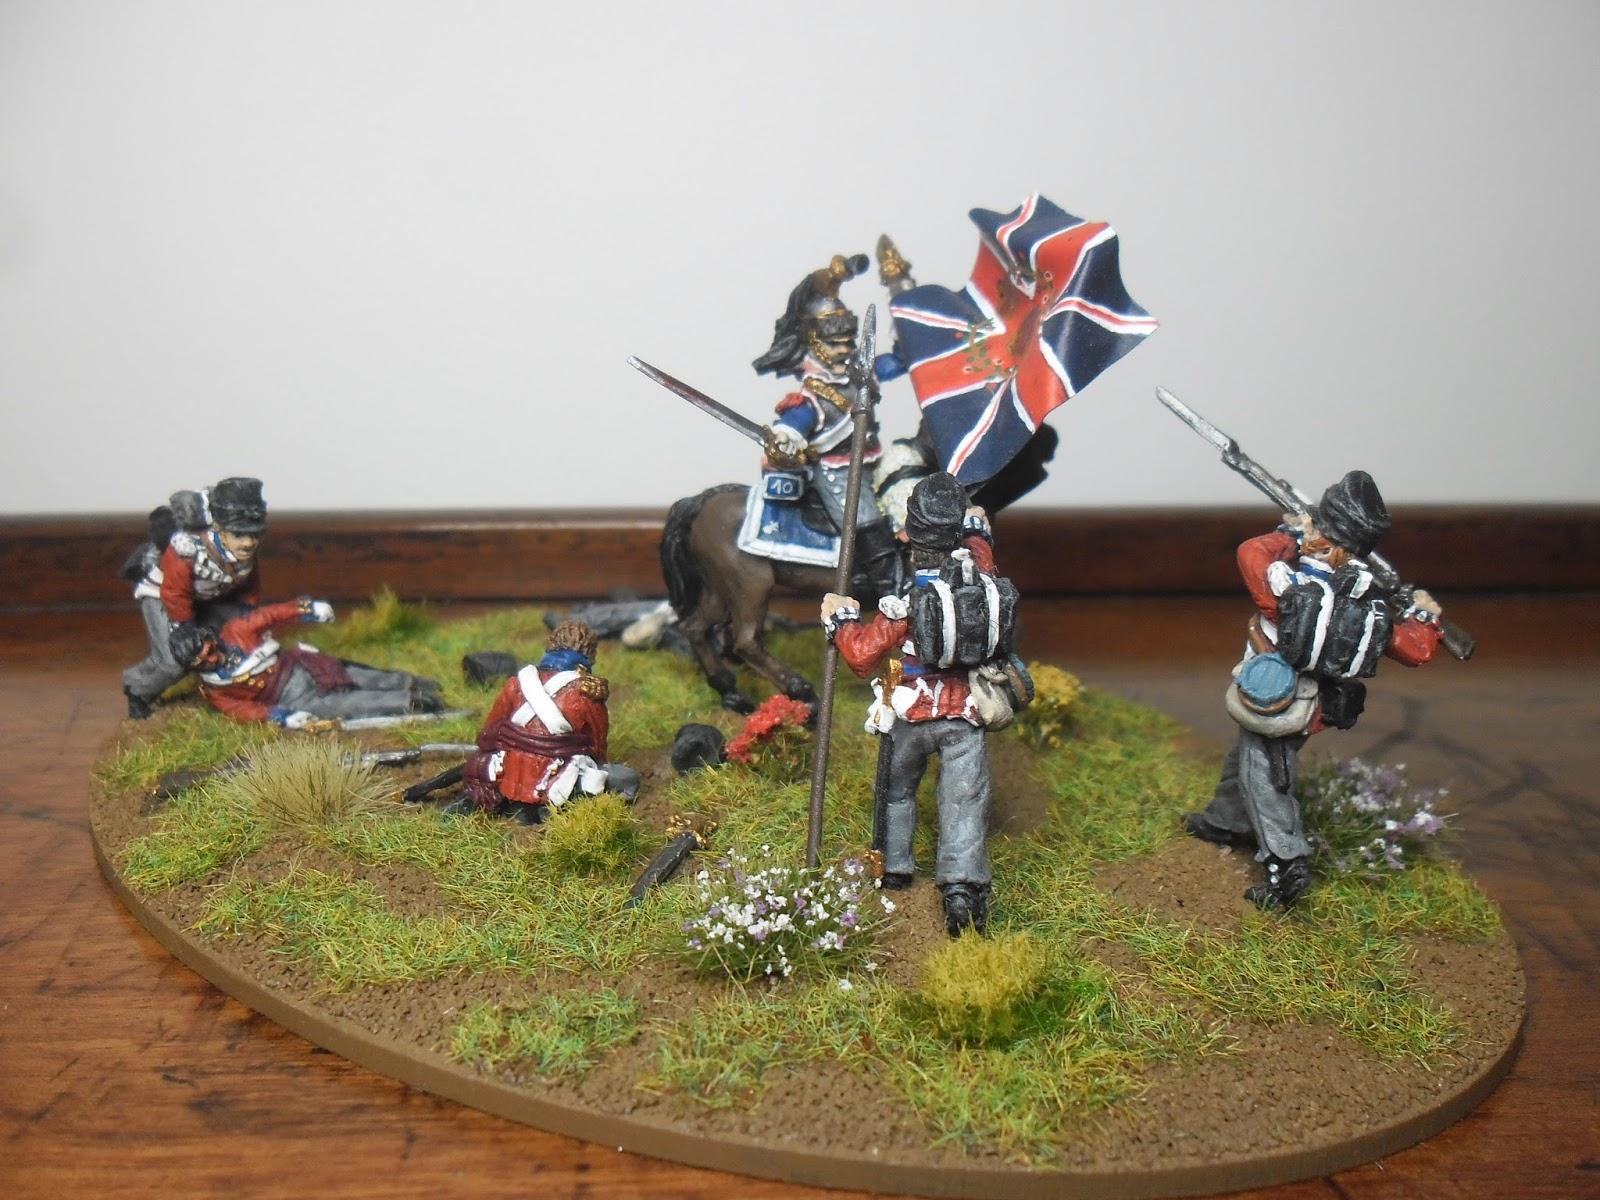 Prise d'un drapeau britannique (diorama) Capture%2Bof%2Bthe%2Bking%2527s%2Bcolour%2B%25281%2529